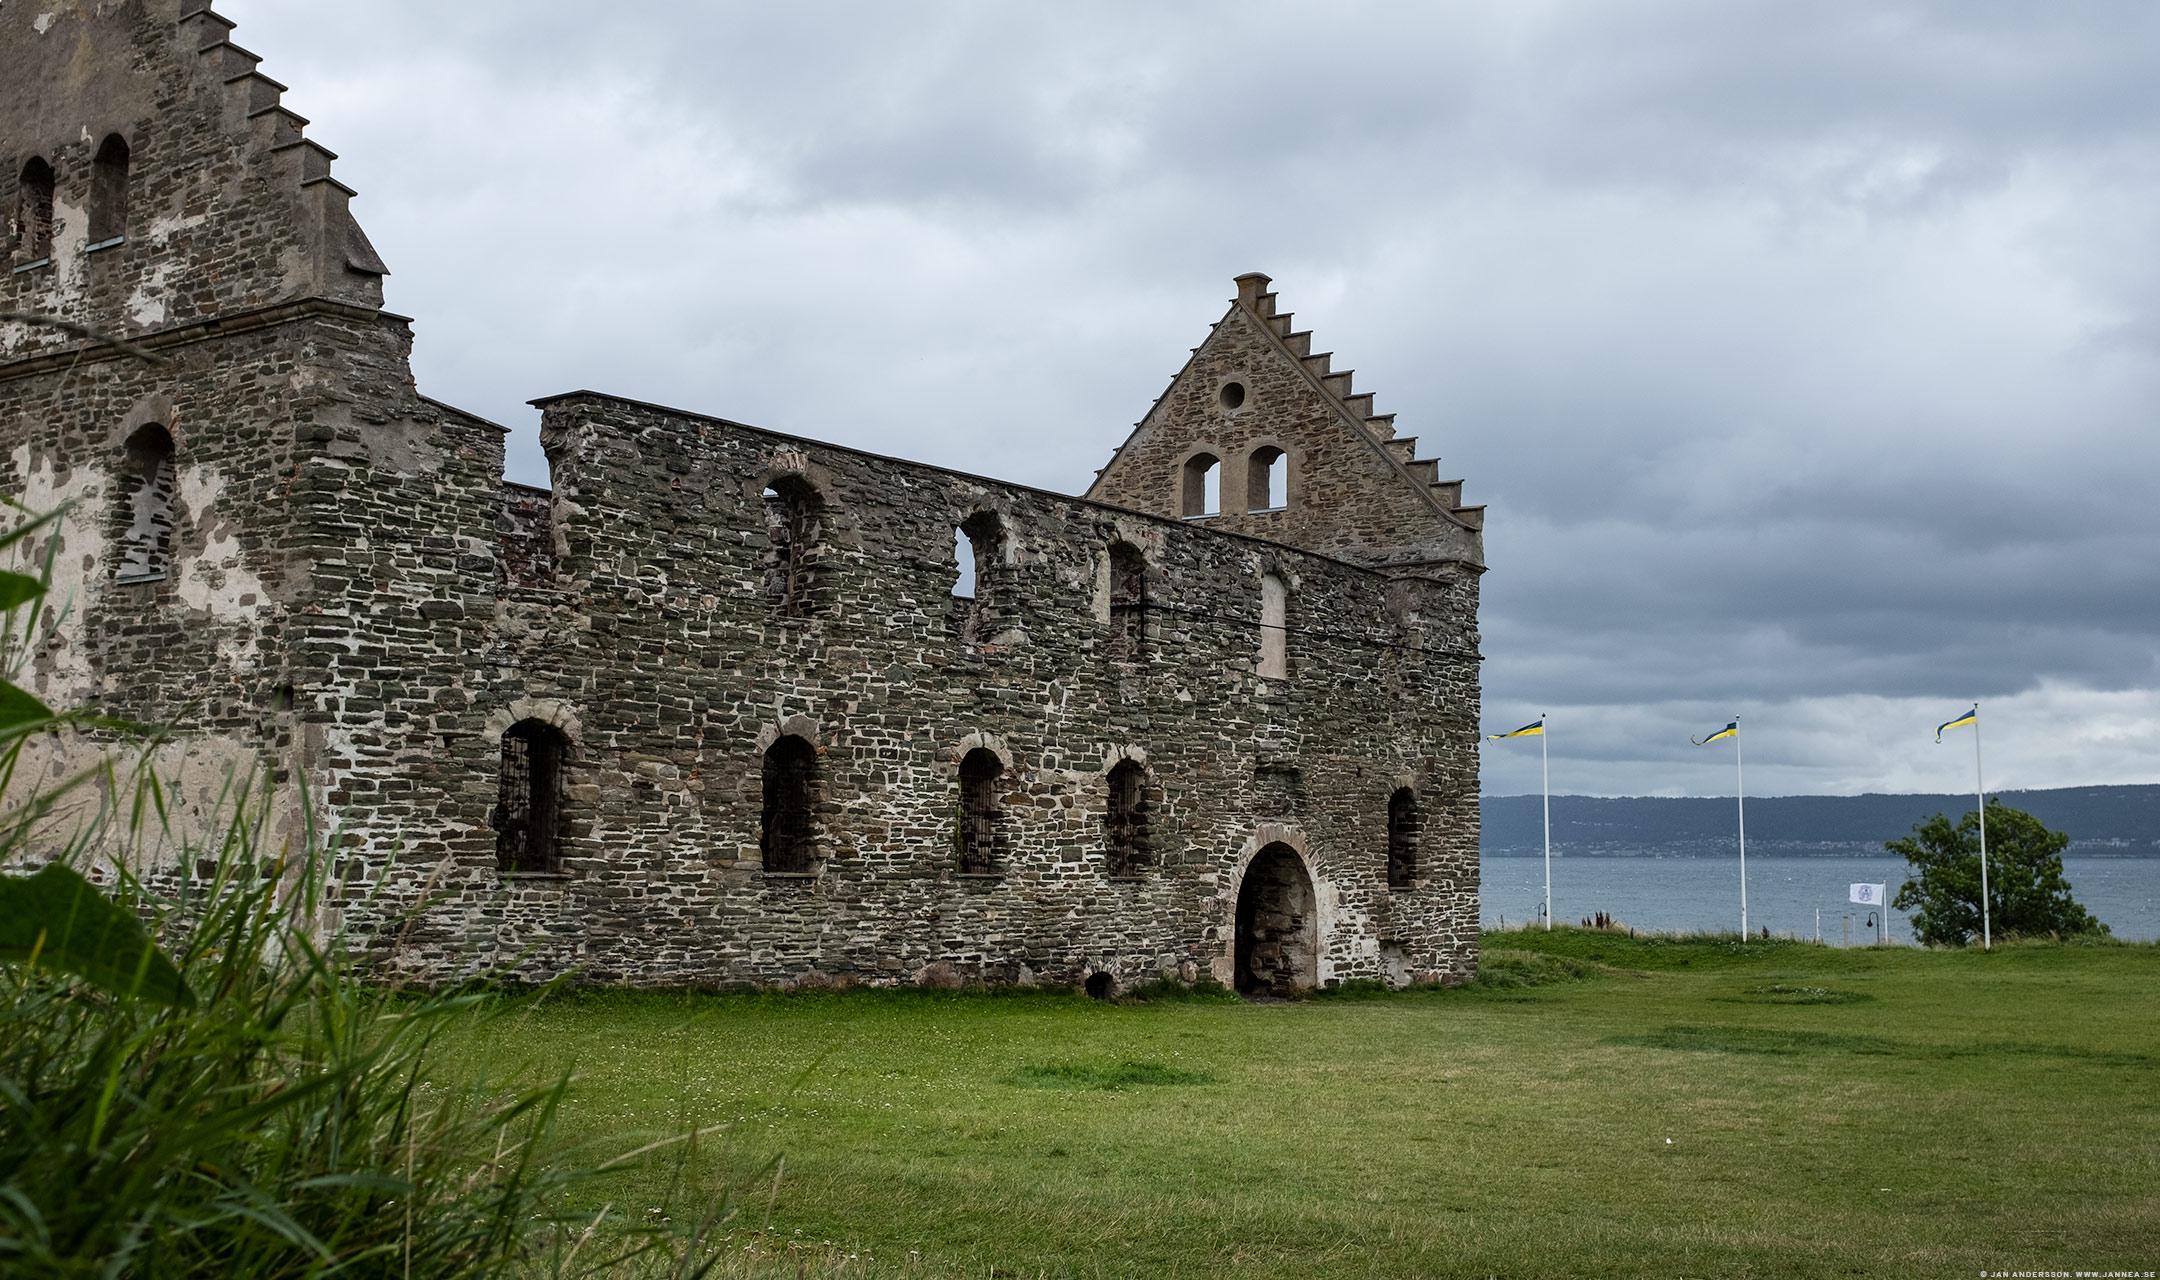 Visingsborgs slottsruin